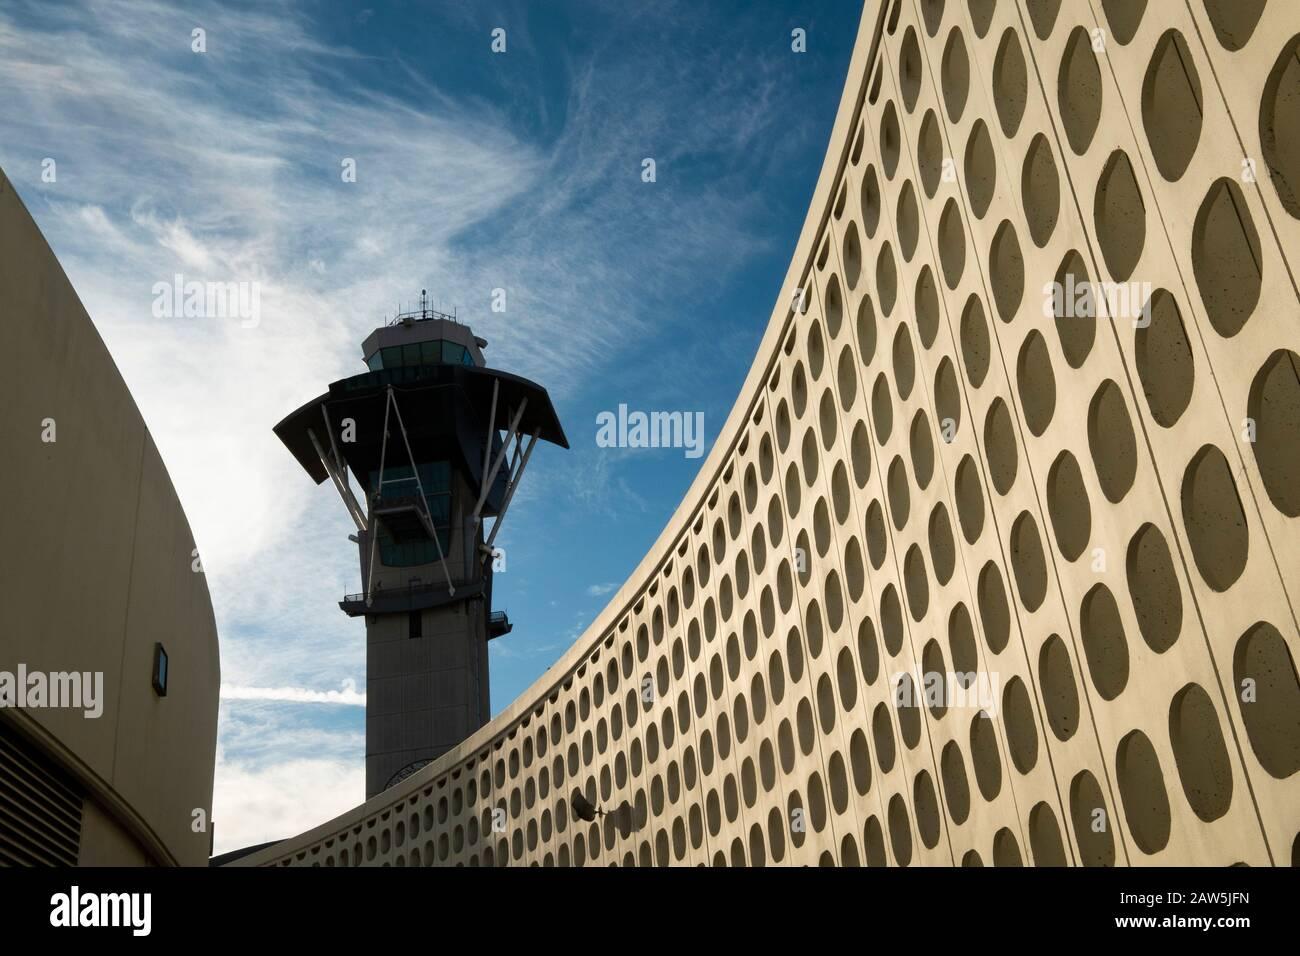 LAX Tema edificio y torre de control. El Aeropuerto Internacional de Los Ángeles - LAX - Los Angeles, California, EE.UU. Foto de stock